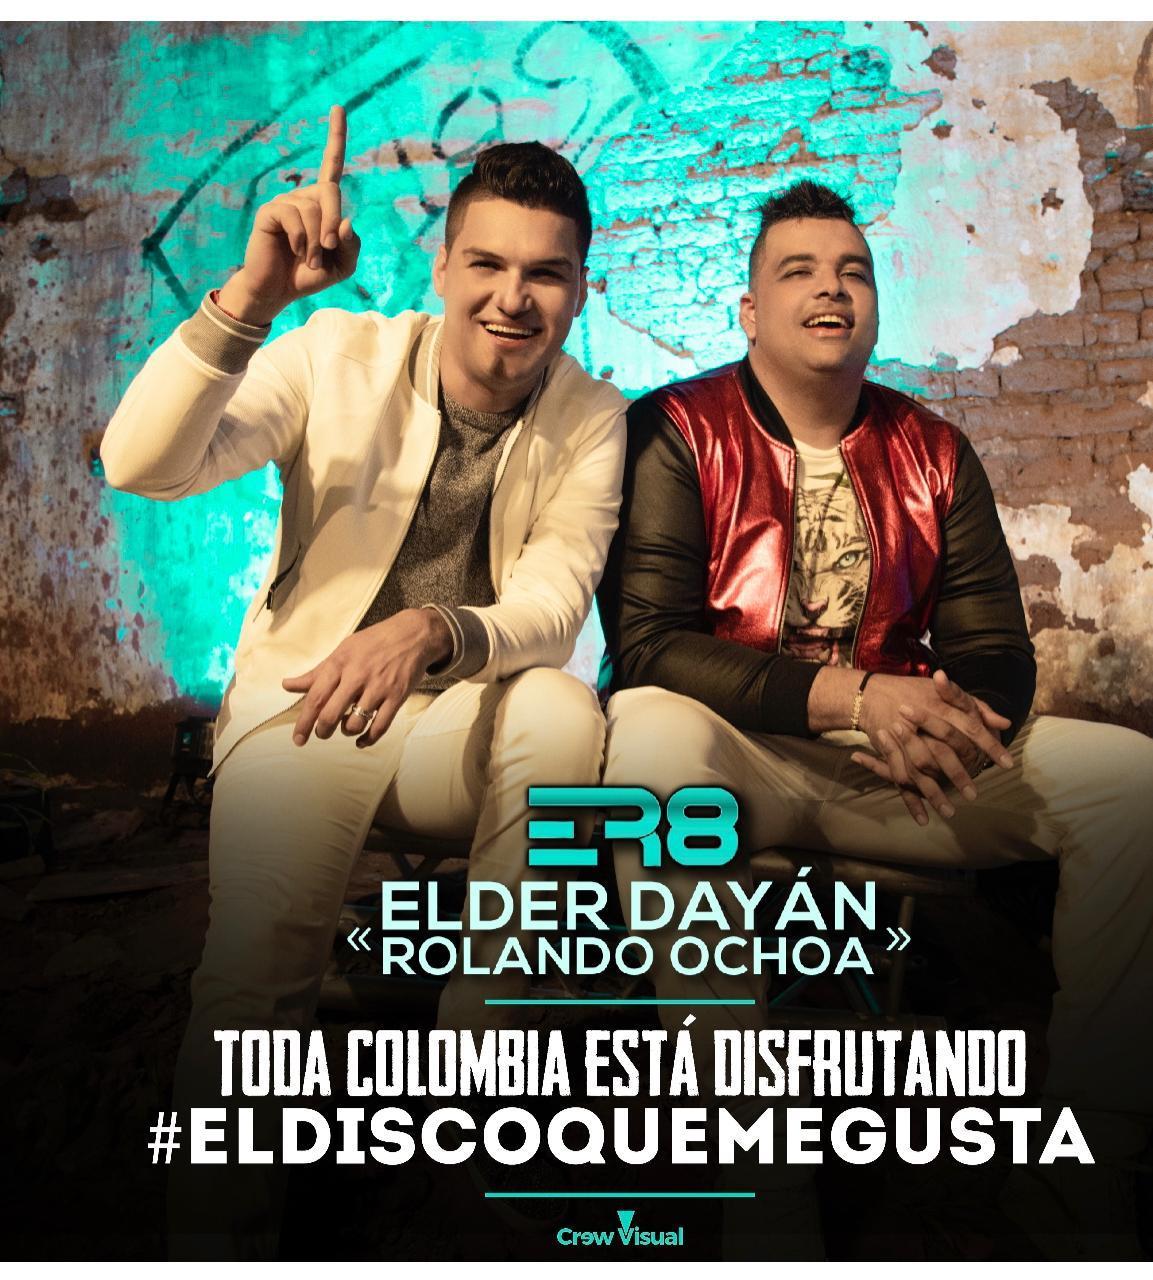 El Disco Que me Gusta lo nuevo de Elder Dayán y Rolando Ochoa